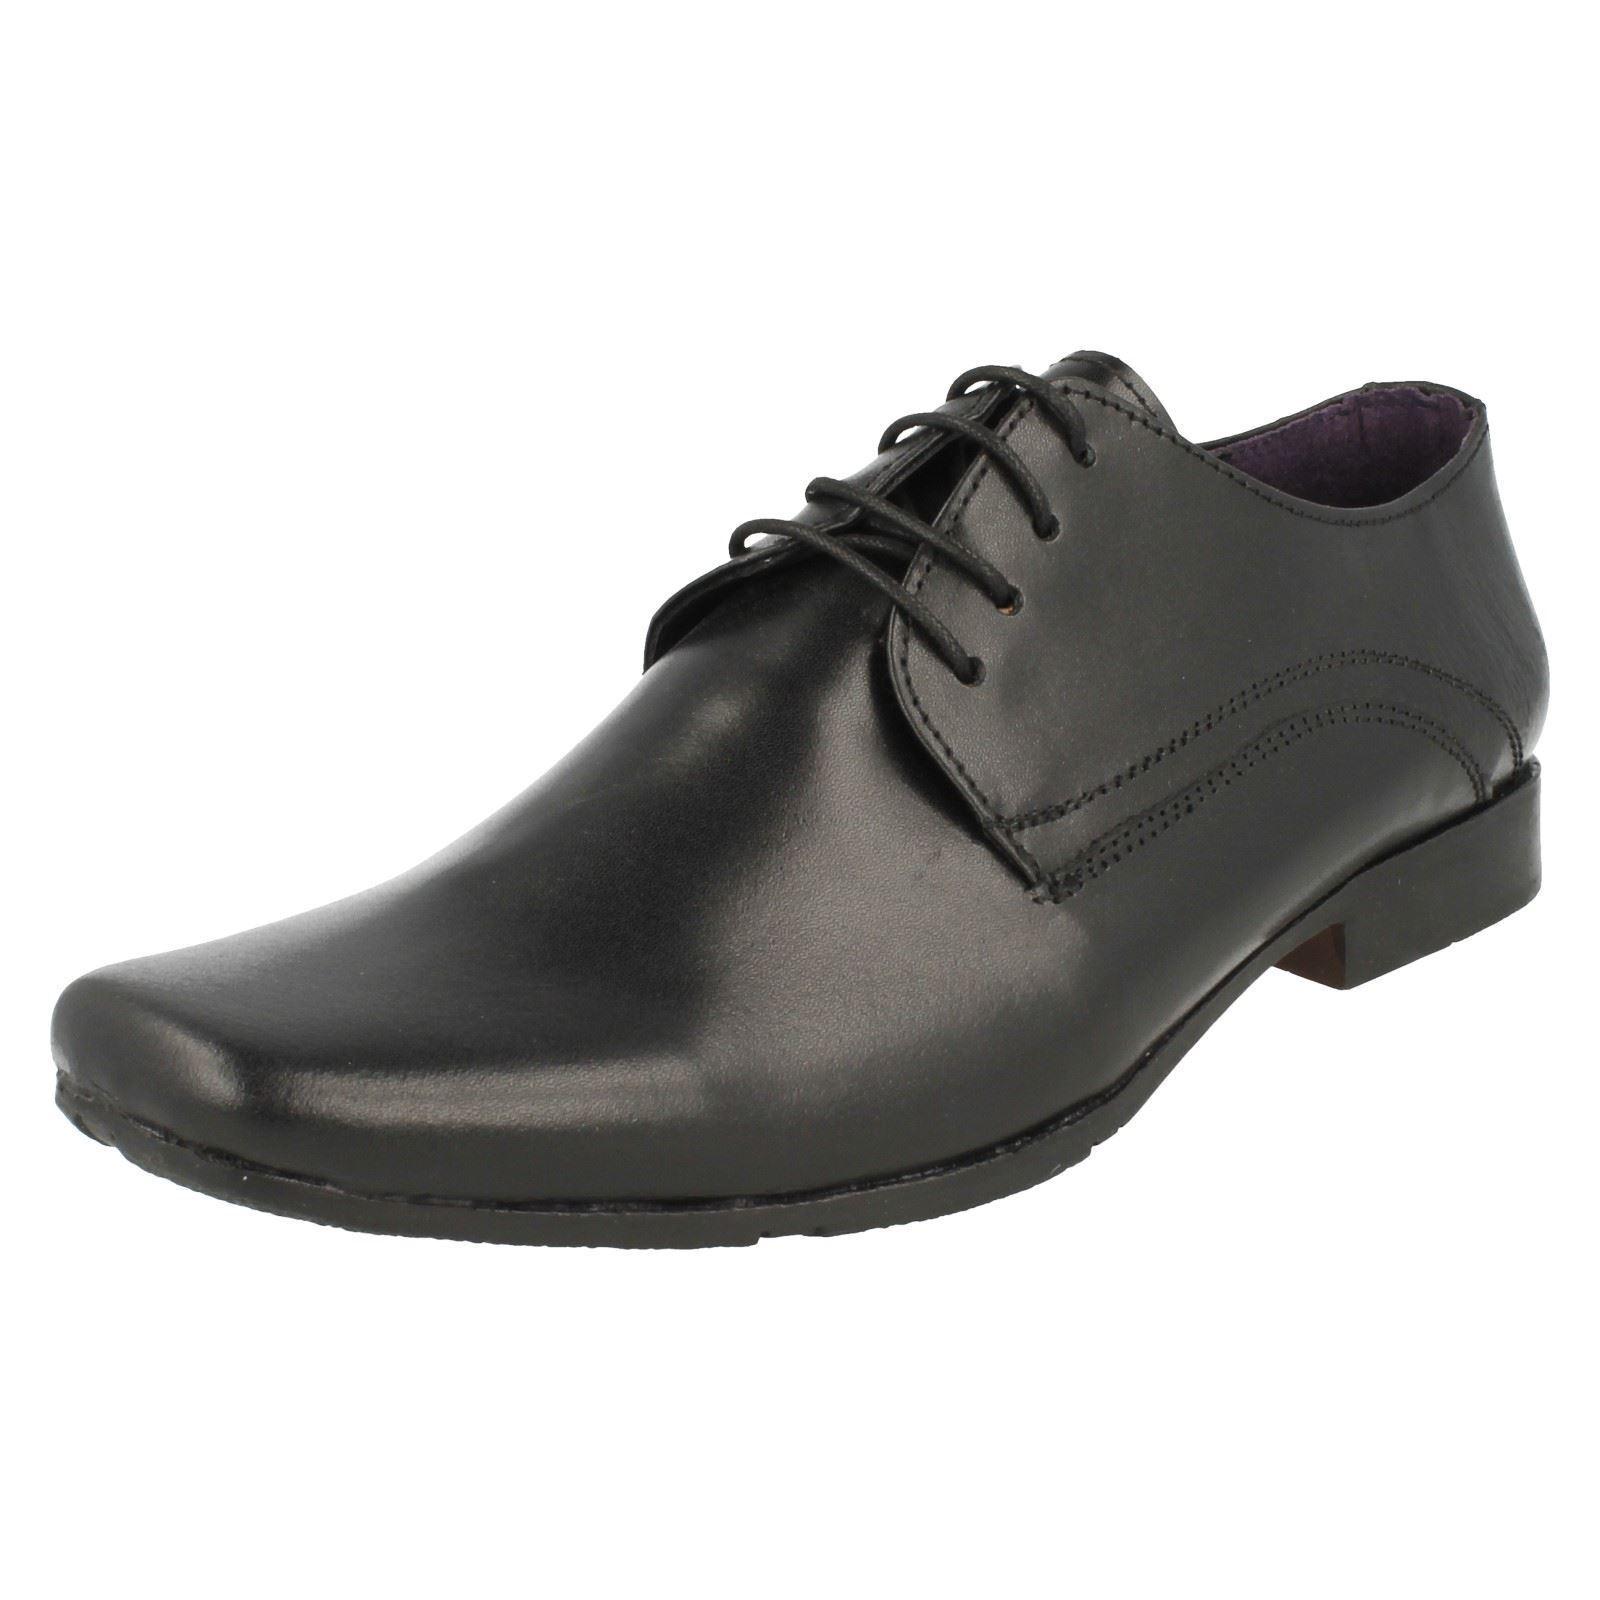 PSL 209682b Piel Con Negra Hombre Elegante Zapatos Con Piel Cordones Estilo Formal df8fa1